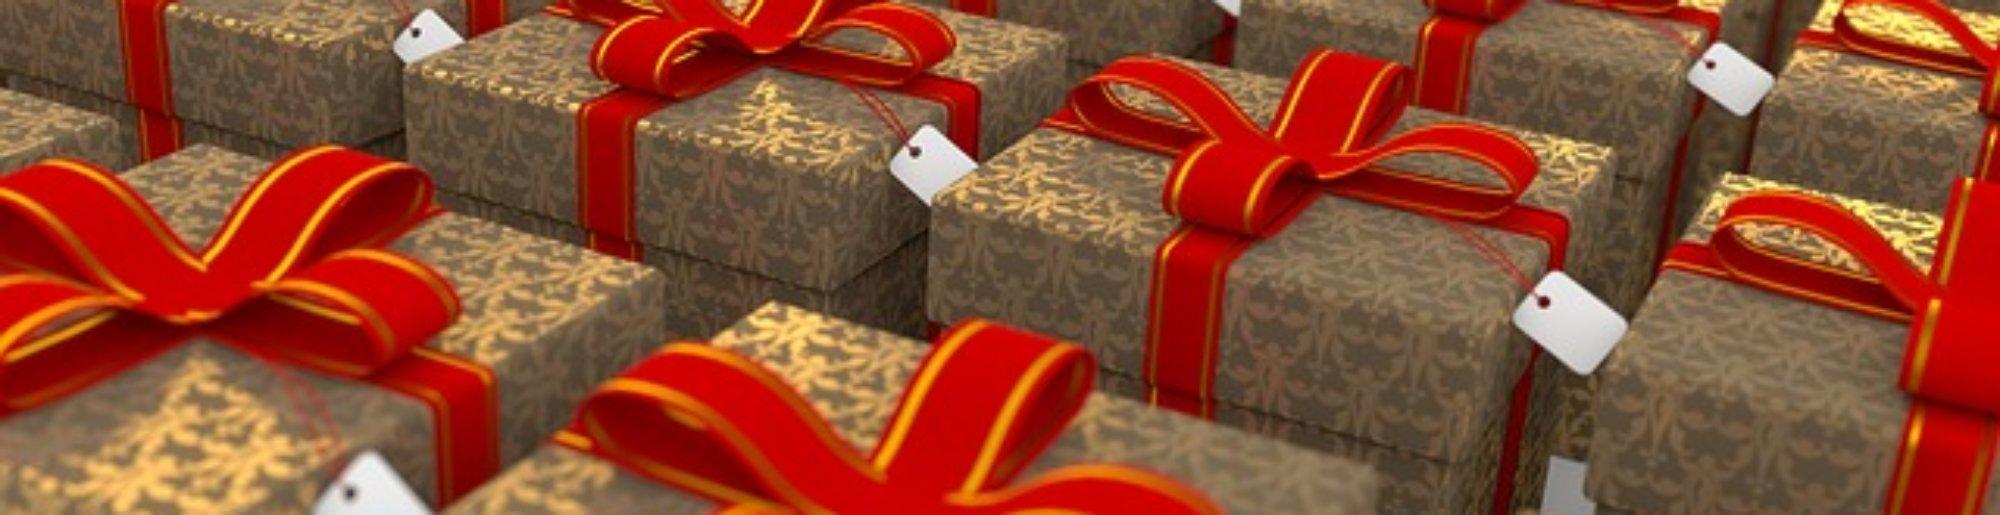 Cadeaux d'affaires et cadeaux aux salariés : quel régime fiscal ?